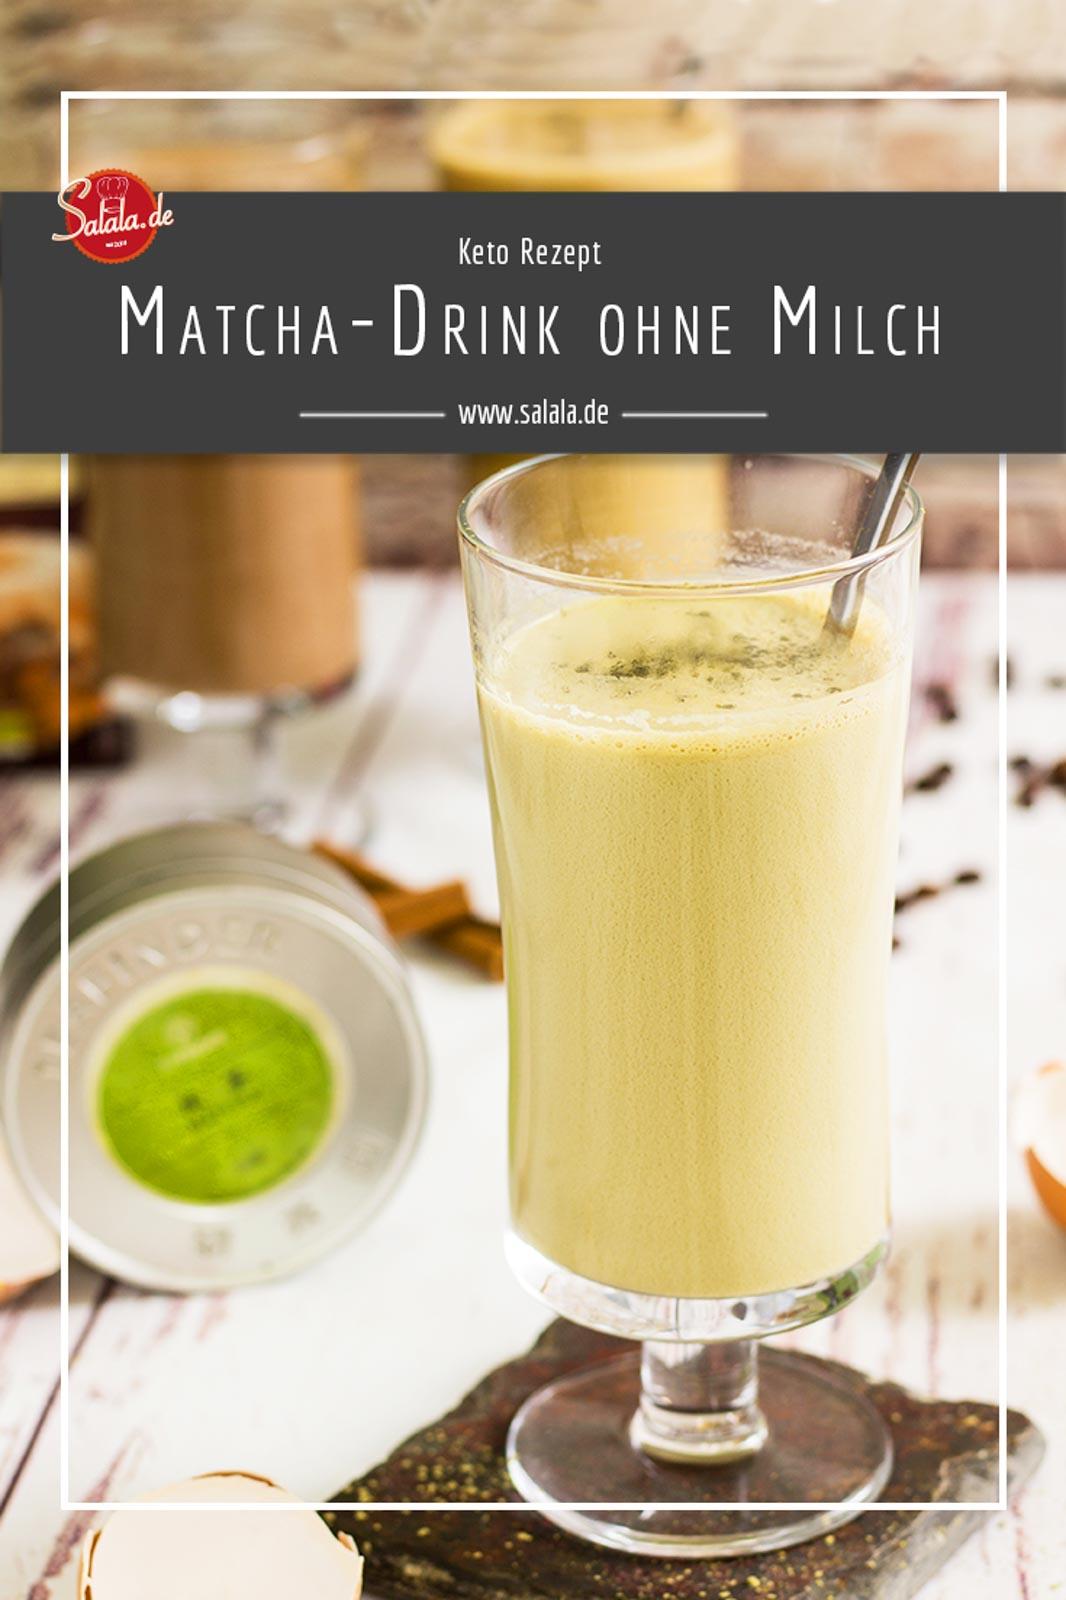 Keto Matcha Drink - by salala.de - zum Frühstück ohne Milch #frühstück #lowcarbfrühstück #lowcarb #lowcarbrezepte #keto #ketorecipes #drinks #lowcarbgetränk #ohnezucker #sugarfree #milkfree #milchfrei